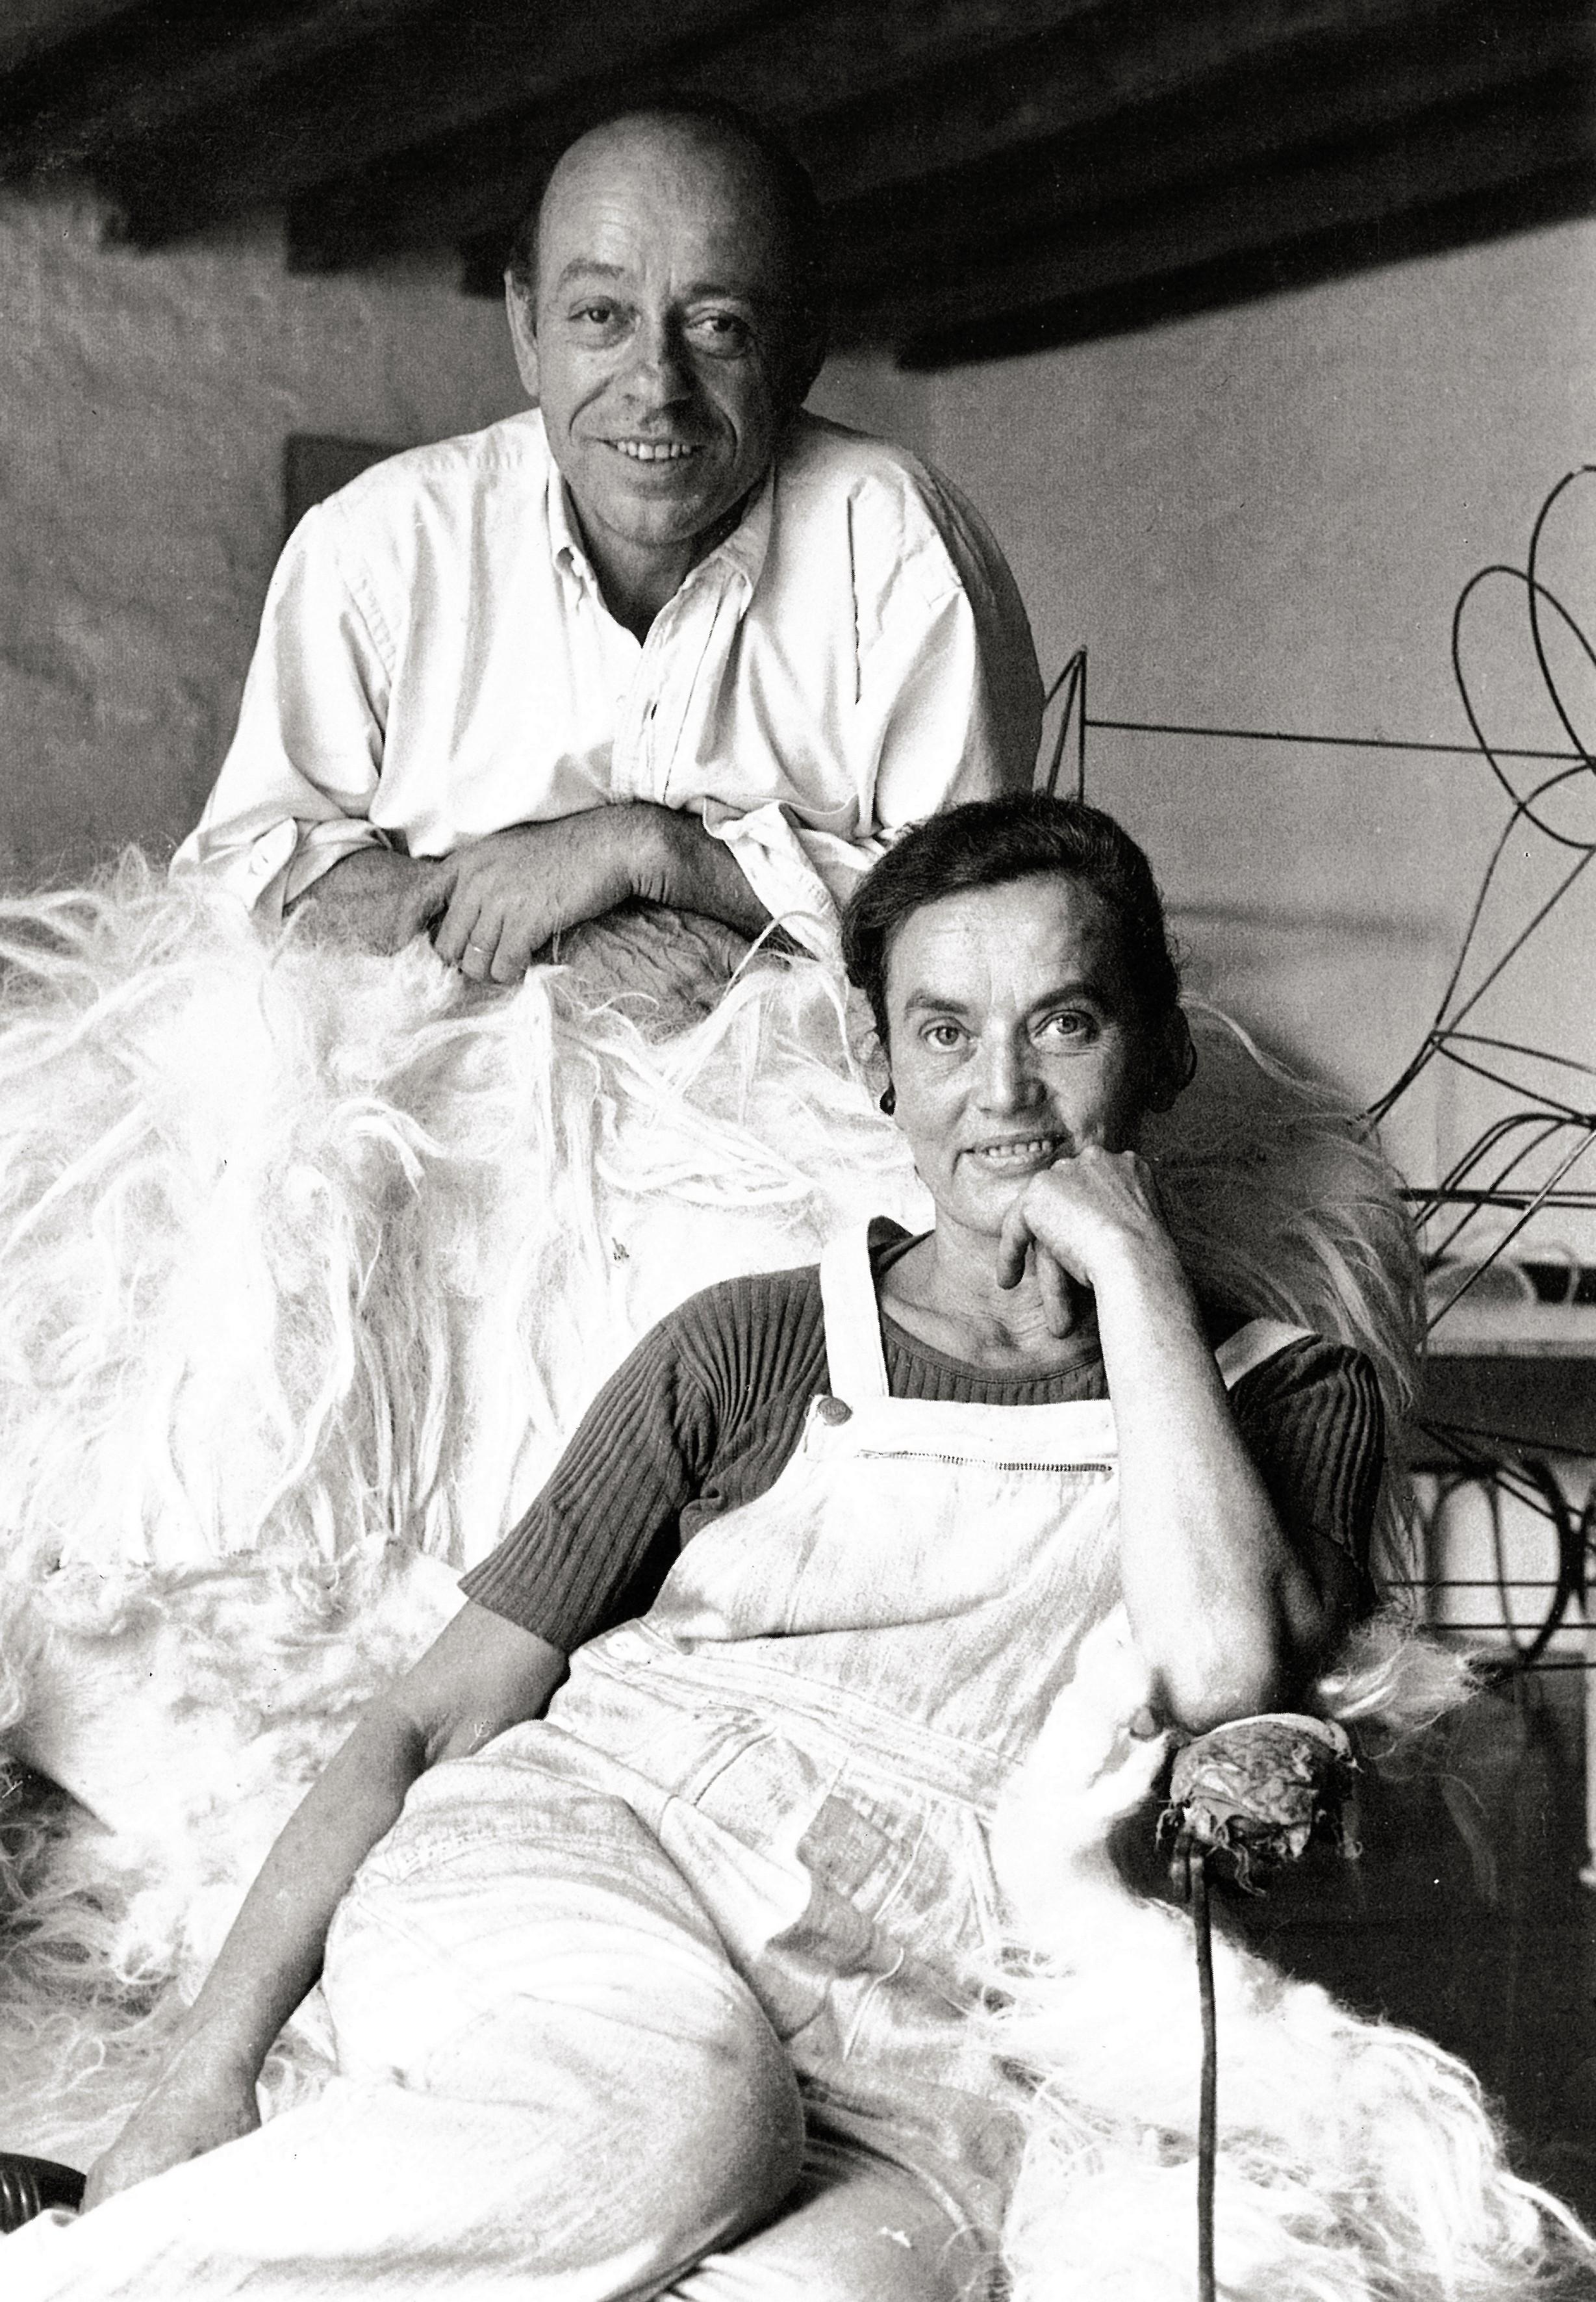 Claude et François-Xavier Lalanne © Edouard Boubat